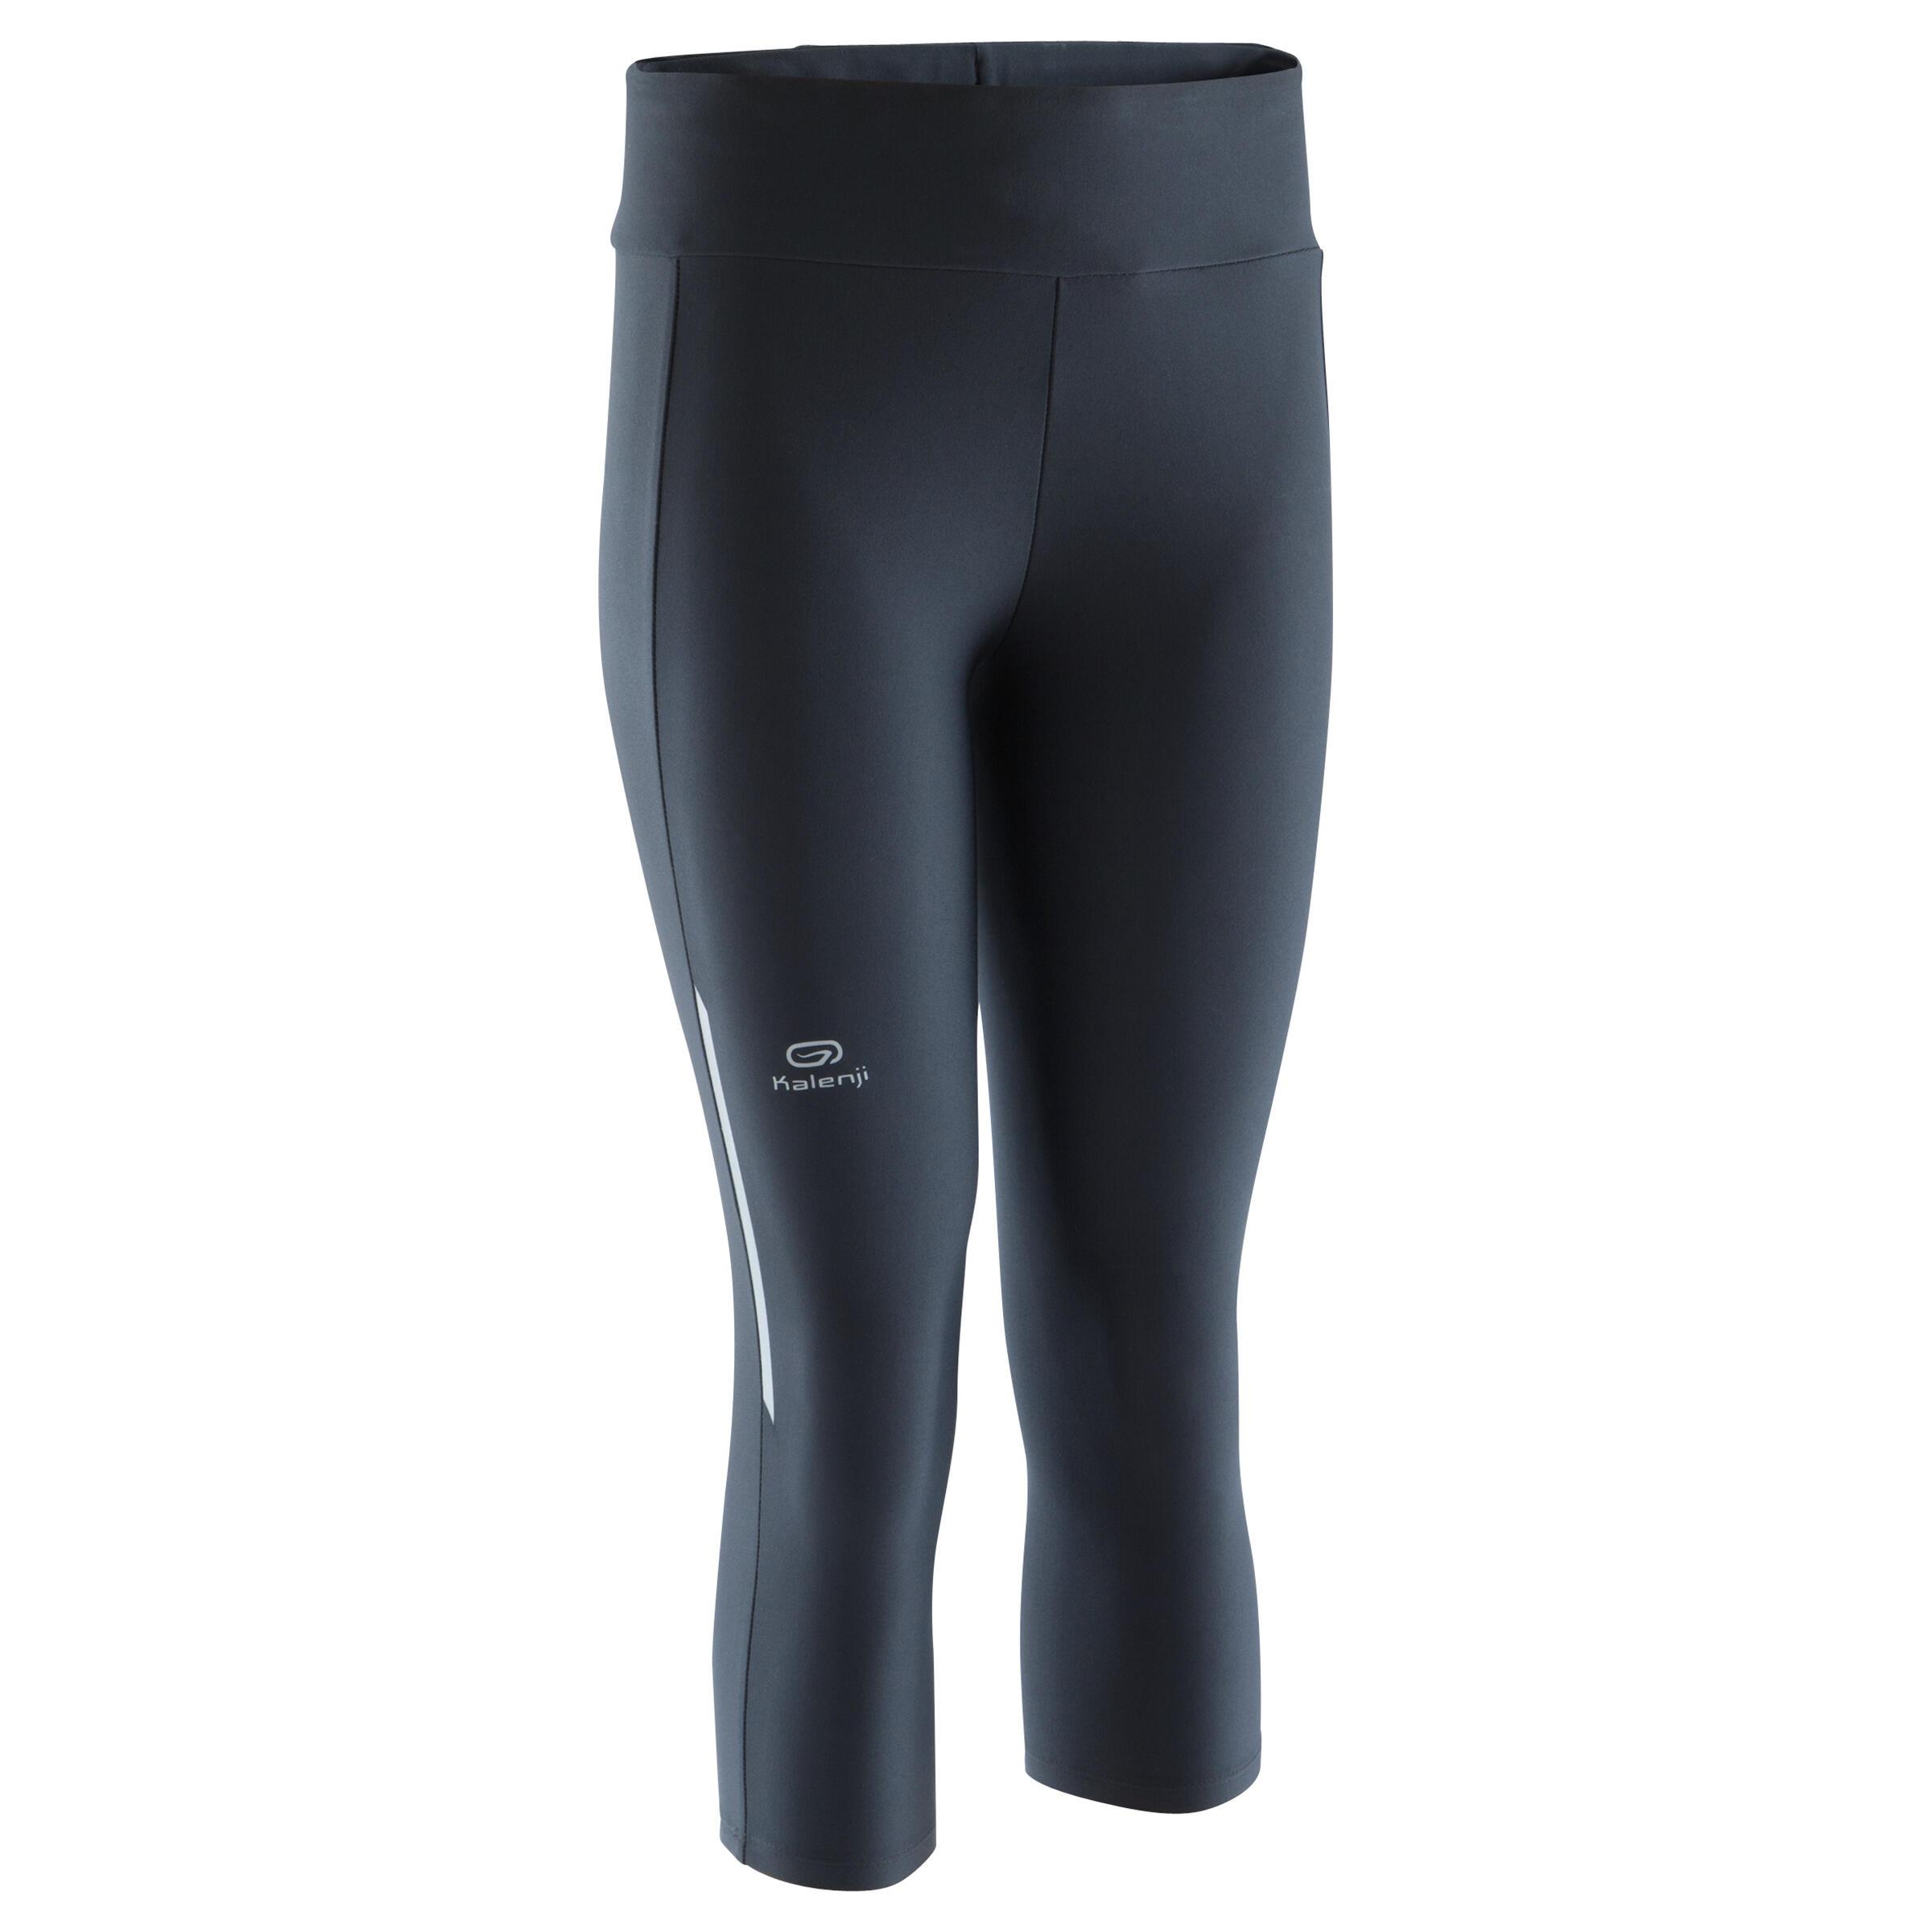 Kalenji Dames kuitbroek voor hardlopen Run Dry zwart